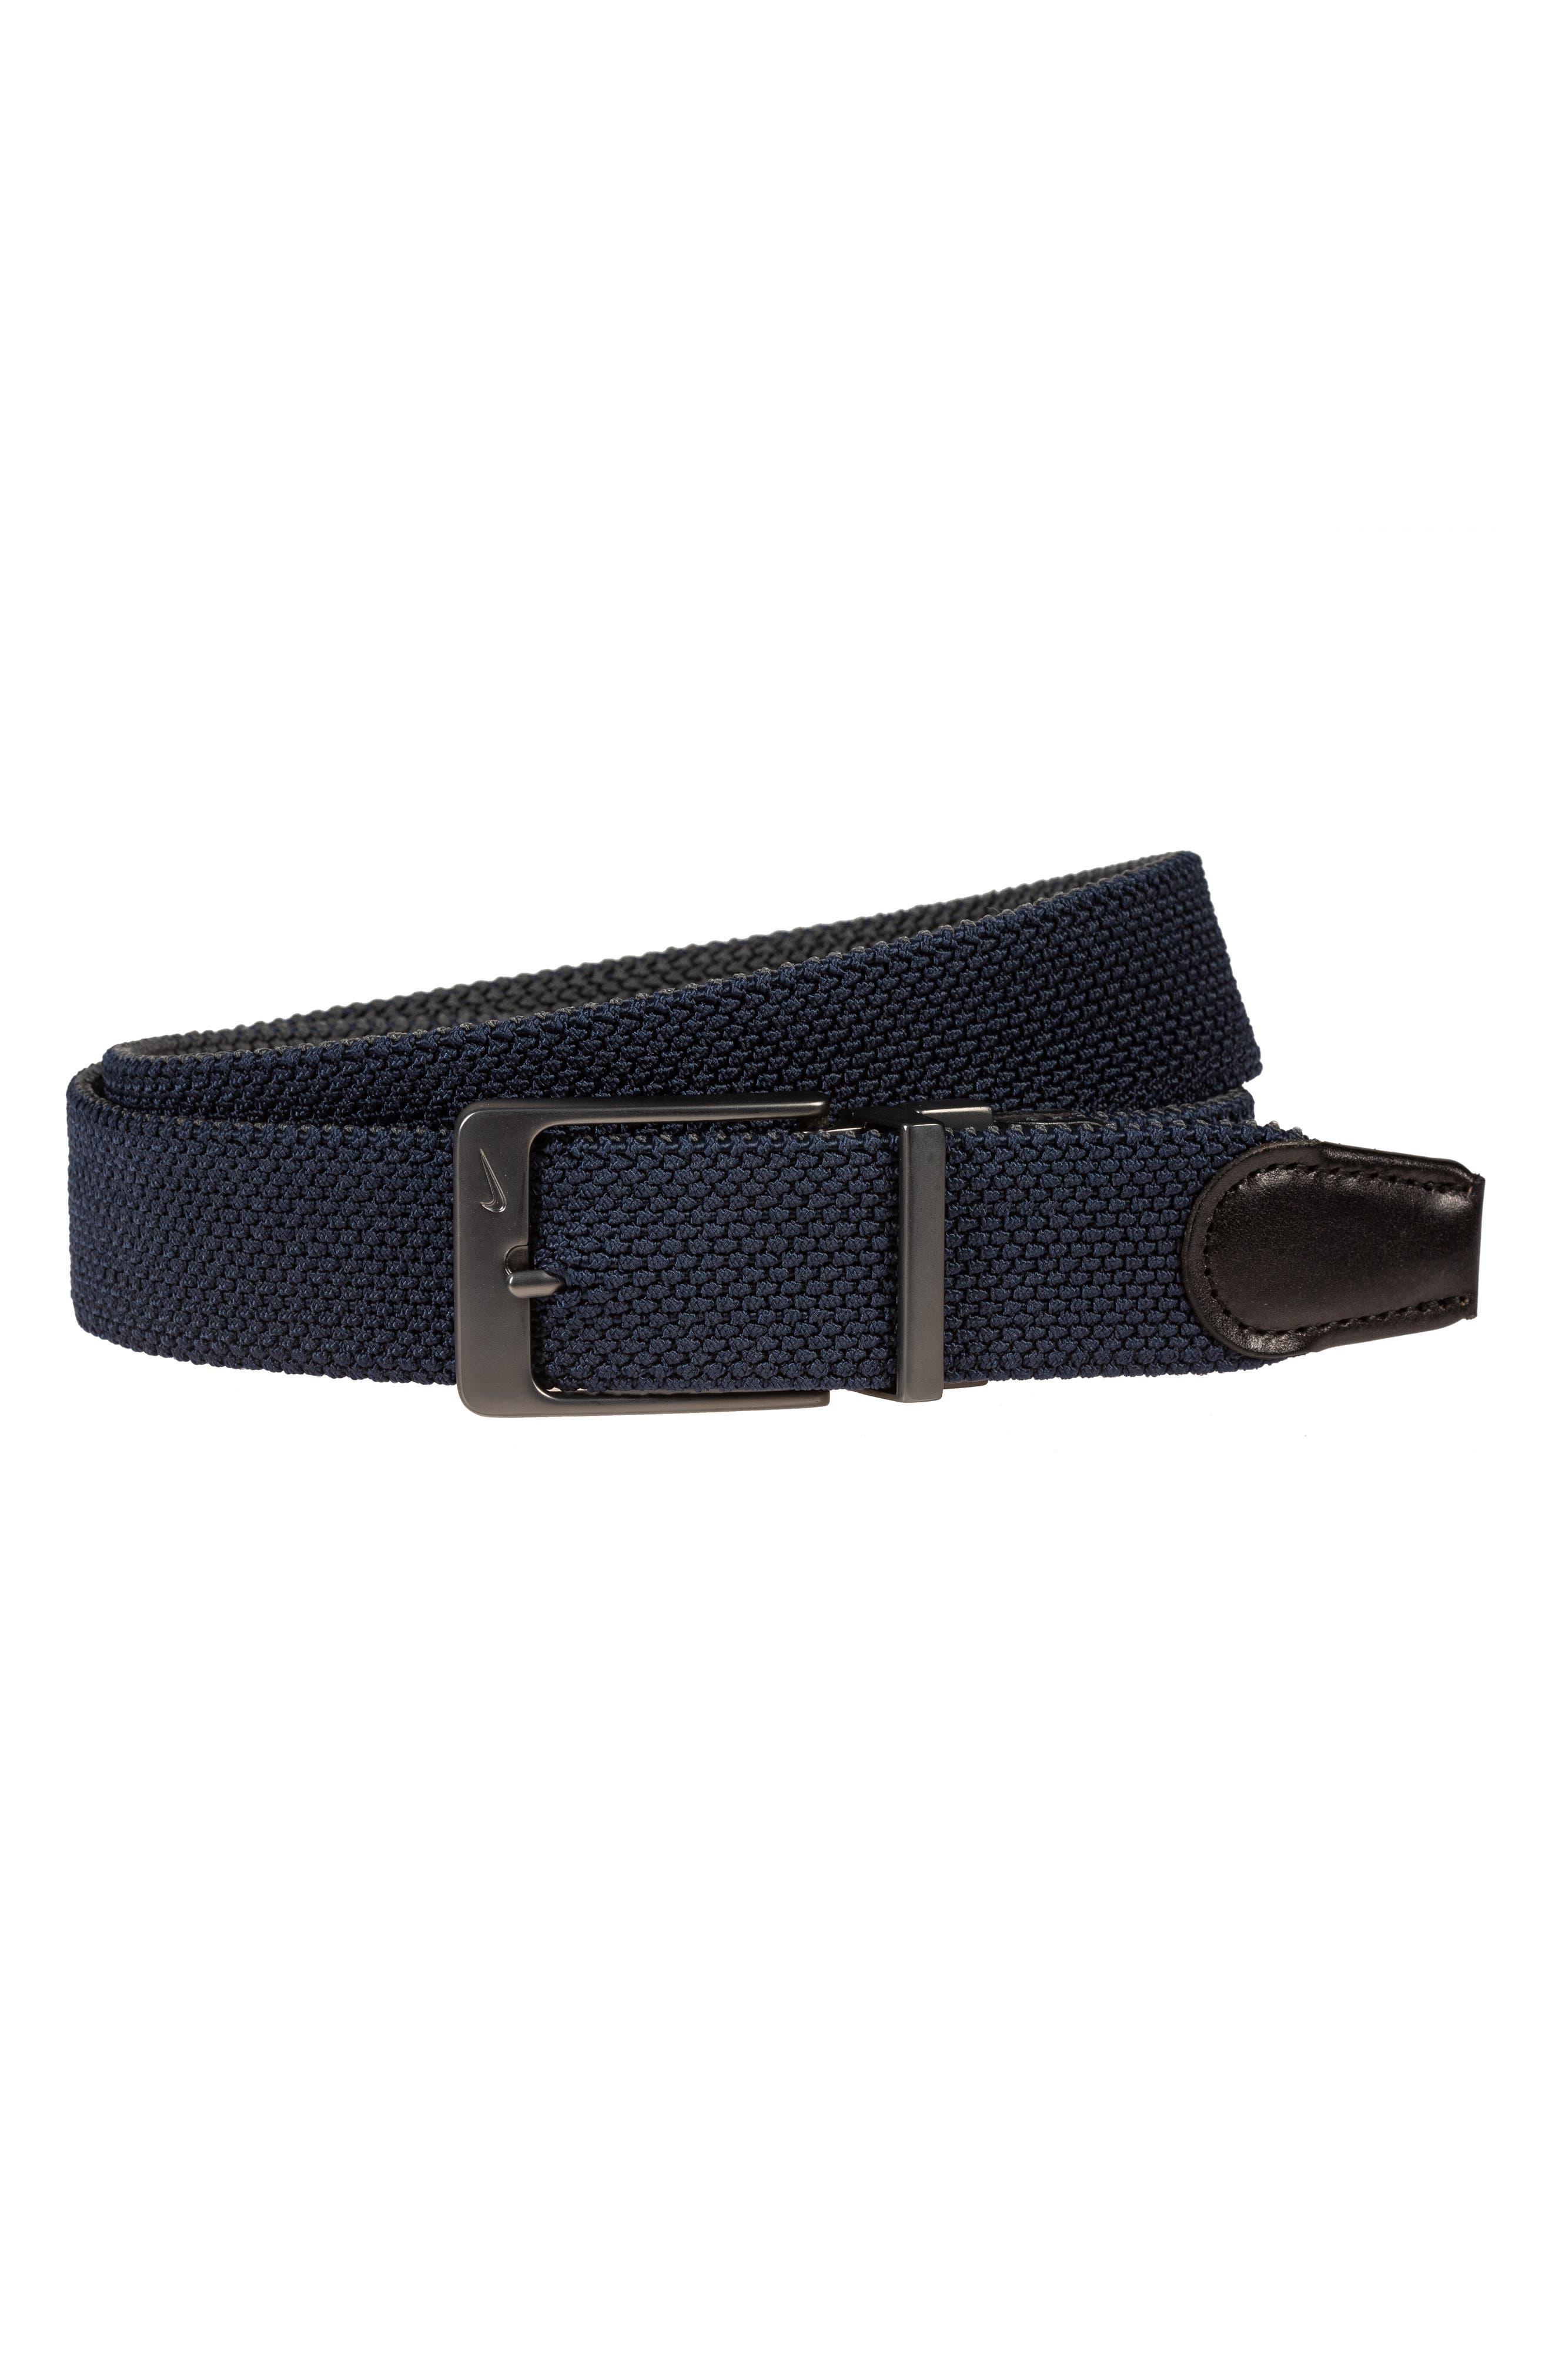 Nike Reversible G-Flex Woven Belt, Navy Dark